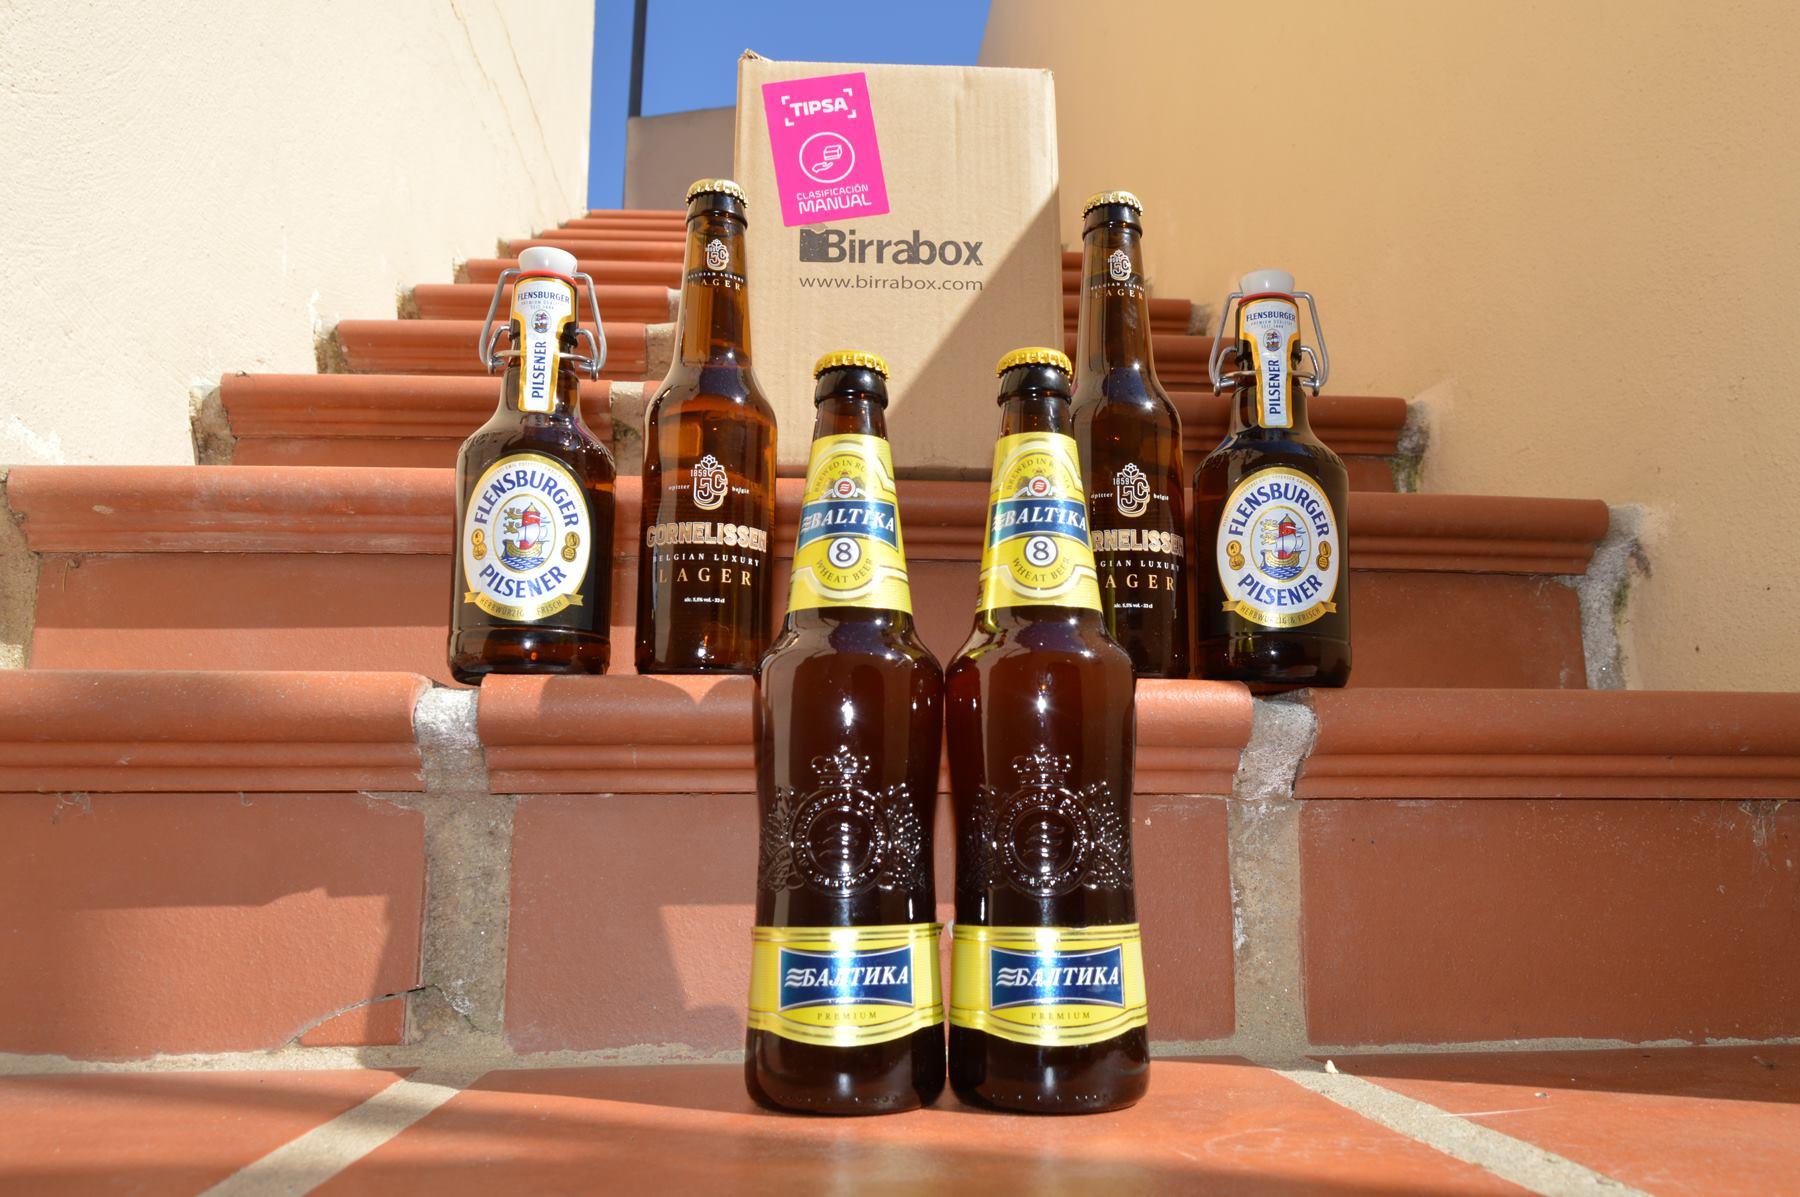 BIRRABOX   Y sus packs de cervezas internacionales